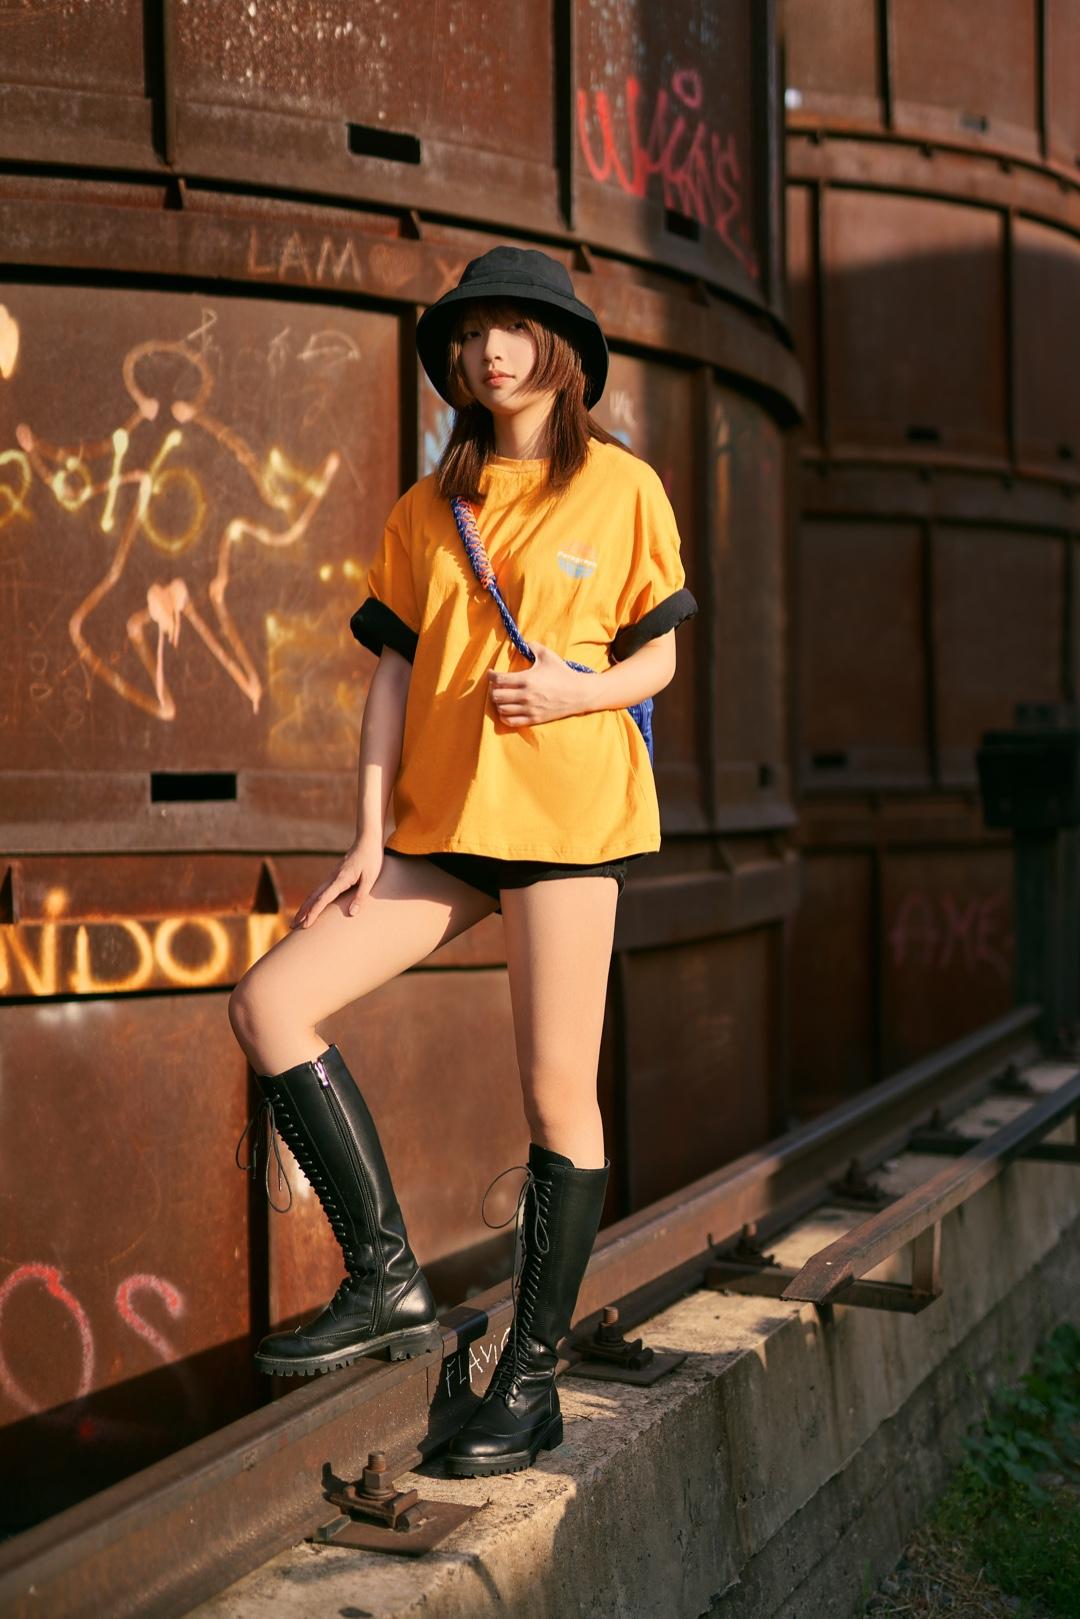 #还没有男友,网红穿搭术给你!#  超级亮眼好看的橙色T恤 用了一种很厉害的穿法 虽然很热.. 就是2件T恤套着穿 蓝色包包和橙色的撞色也炒鸡亮眼